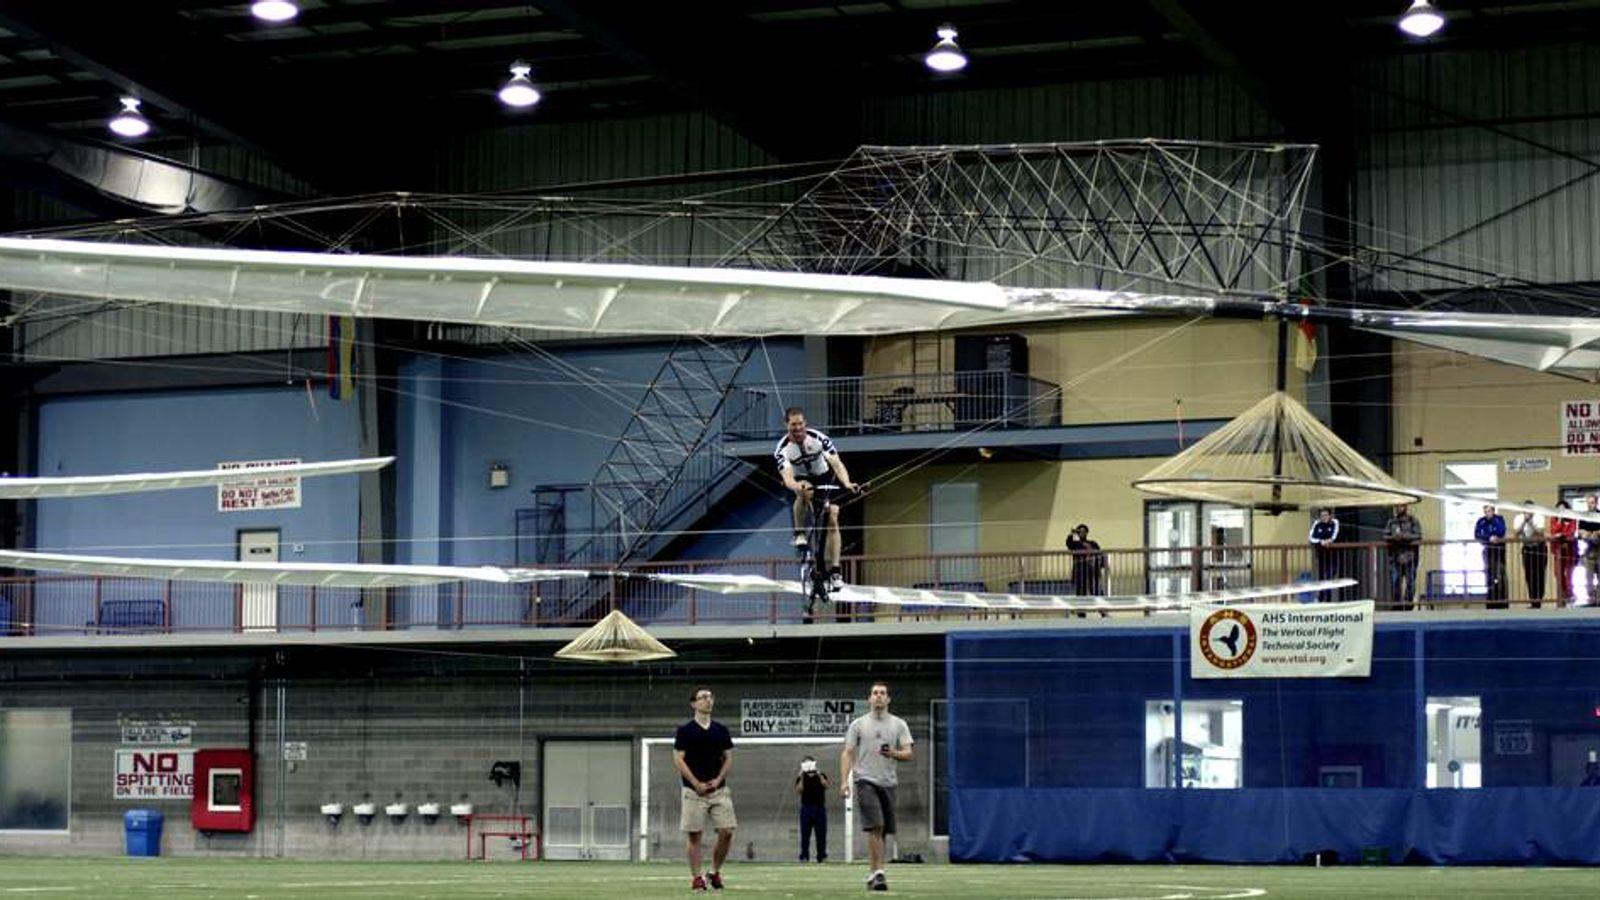 AeroVelo's winning flight